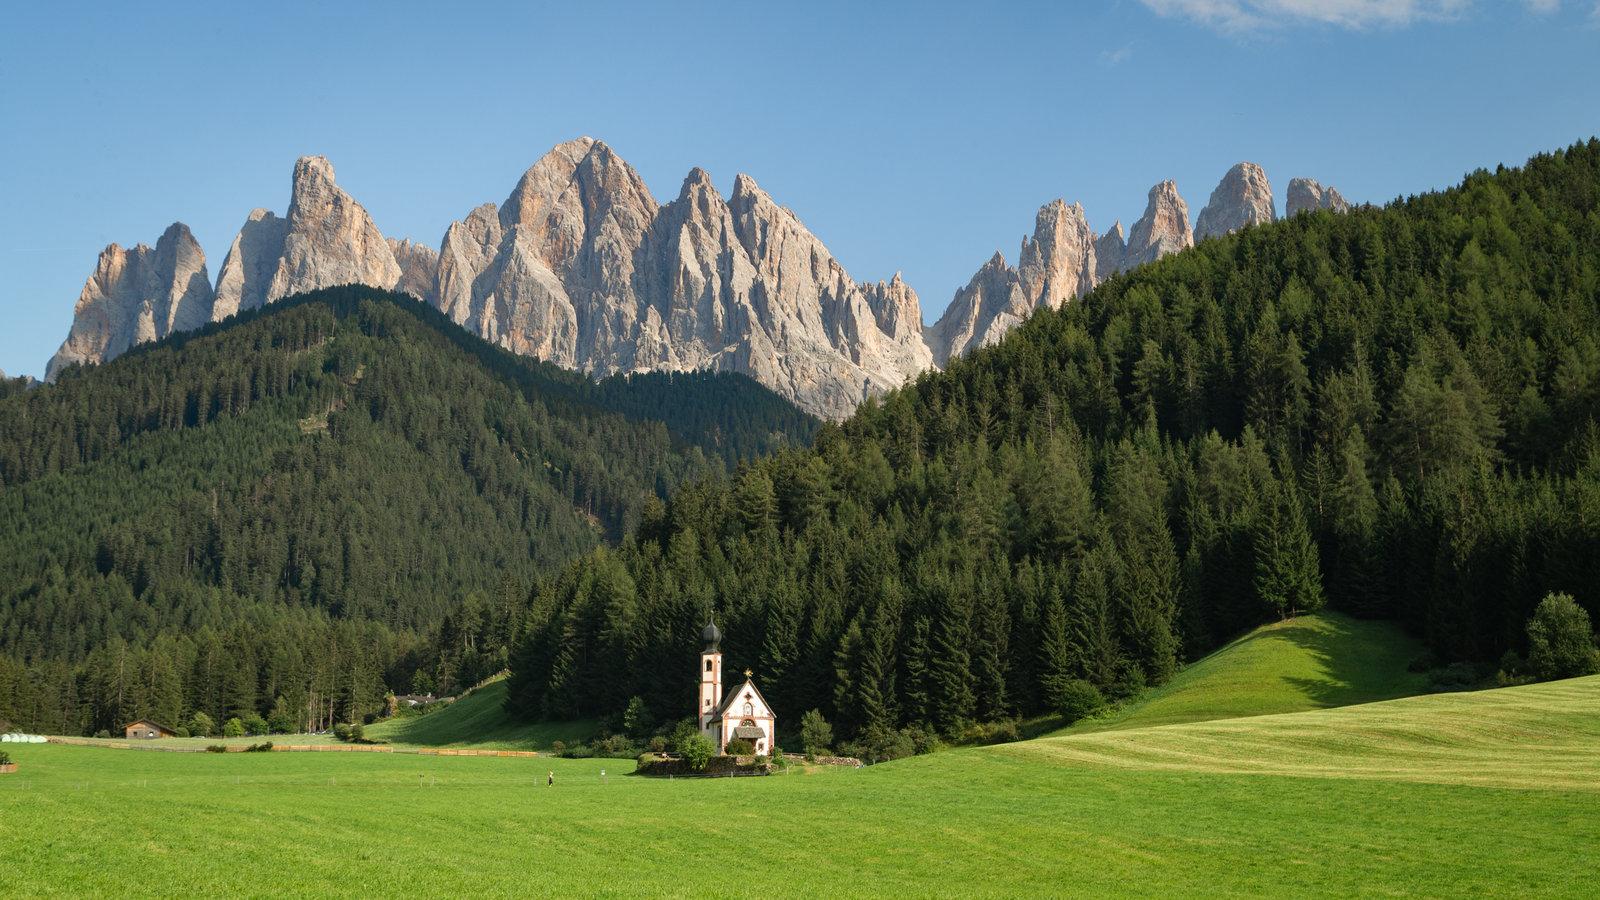 Merano que incluye una iglesia o catedral, montañas y un parque